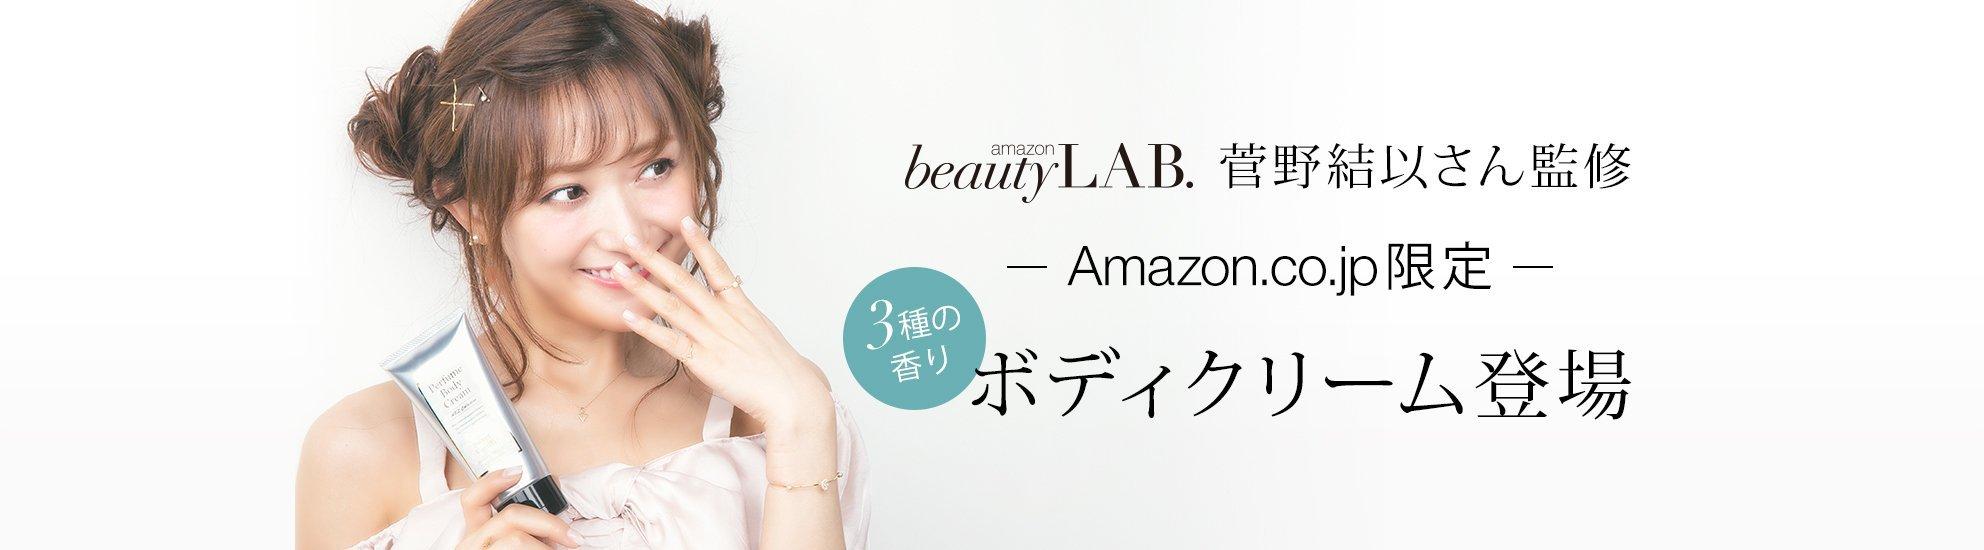 菅野結以さん監修Amazon.co.jp 限定ボディクリーム